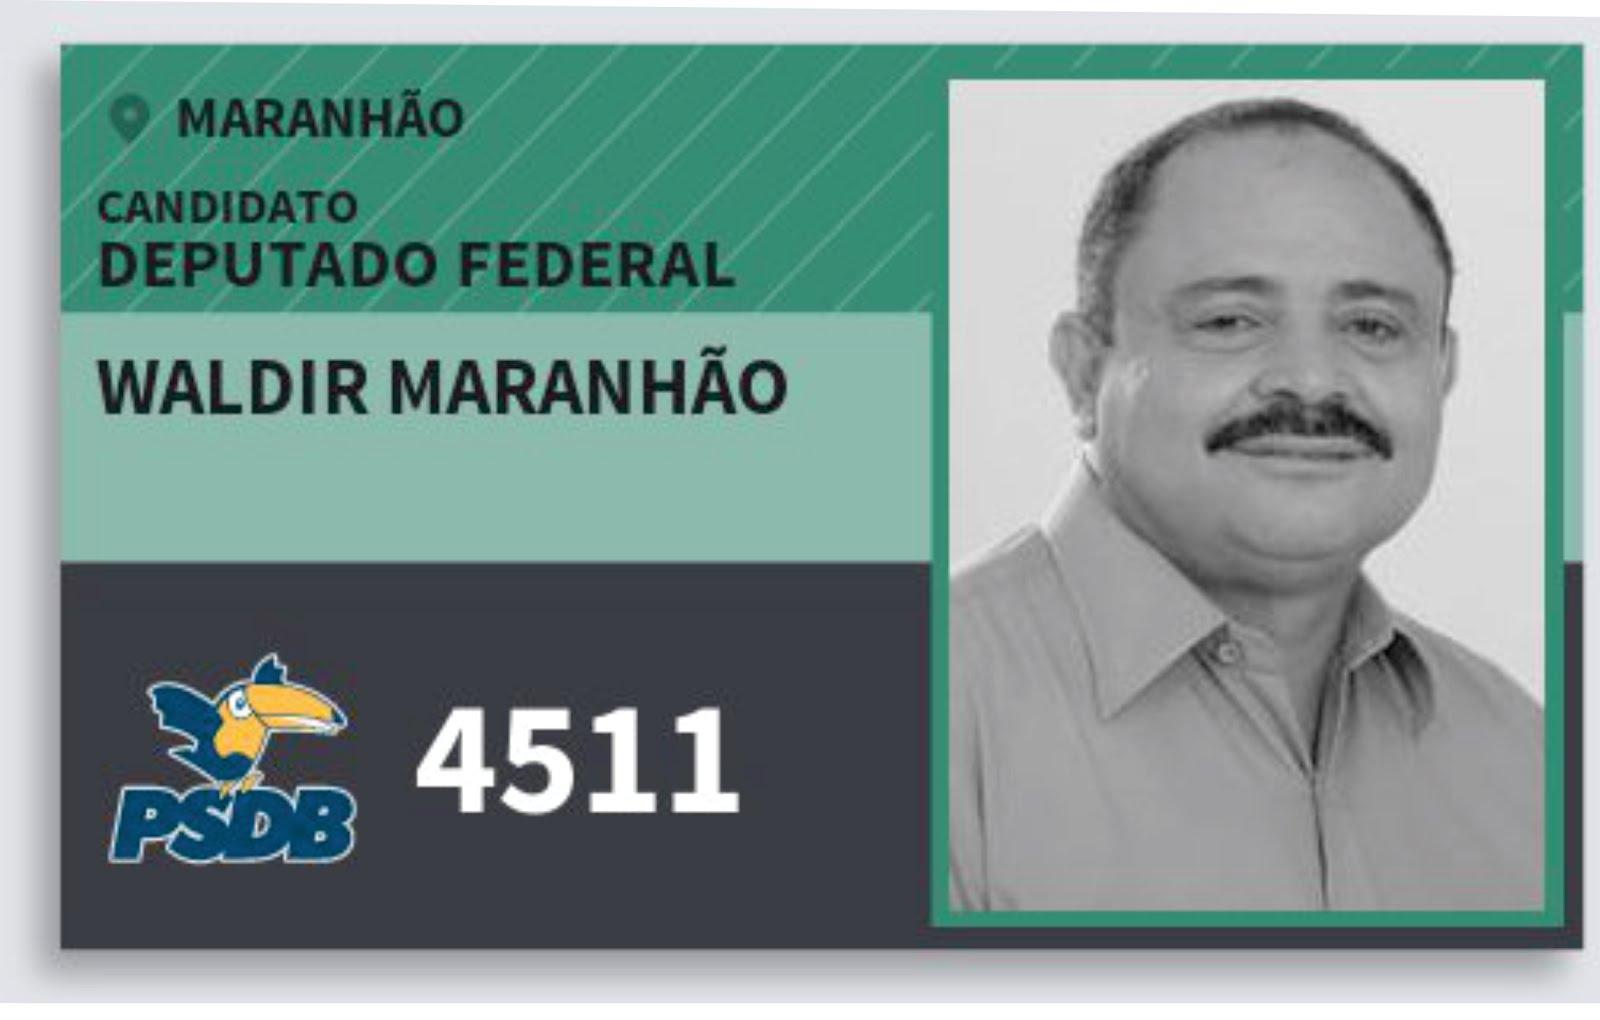 WALDIR MARANHÃO DEPUTADO FEDERAL